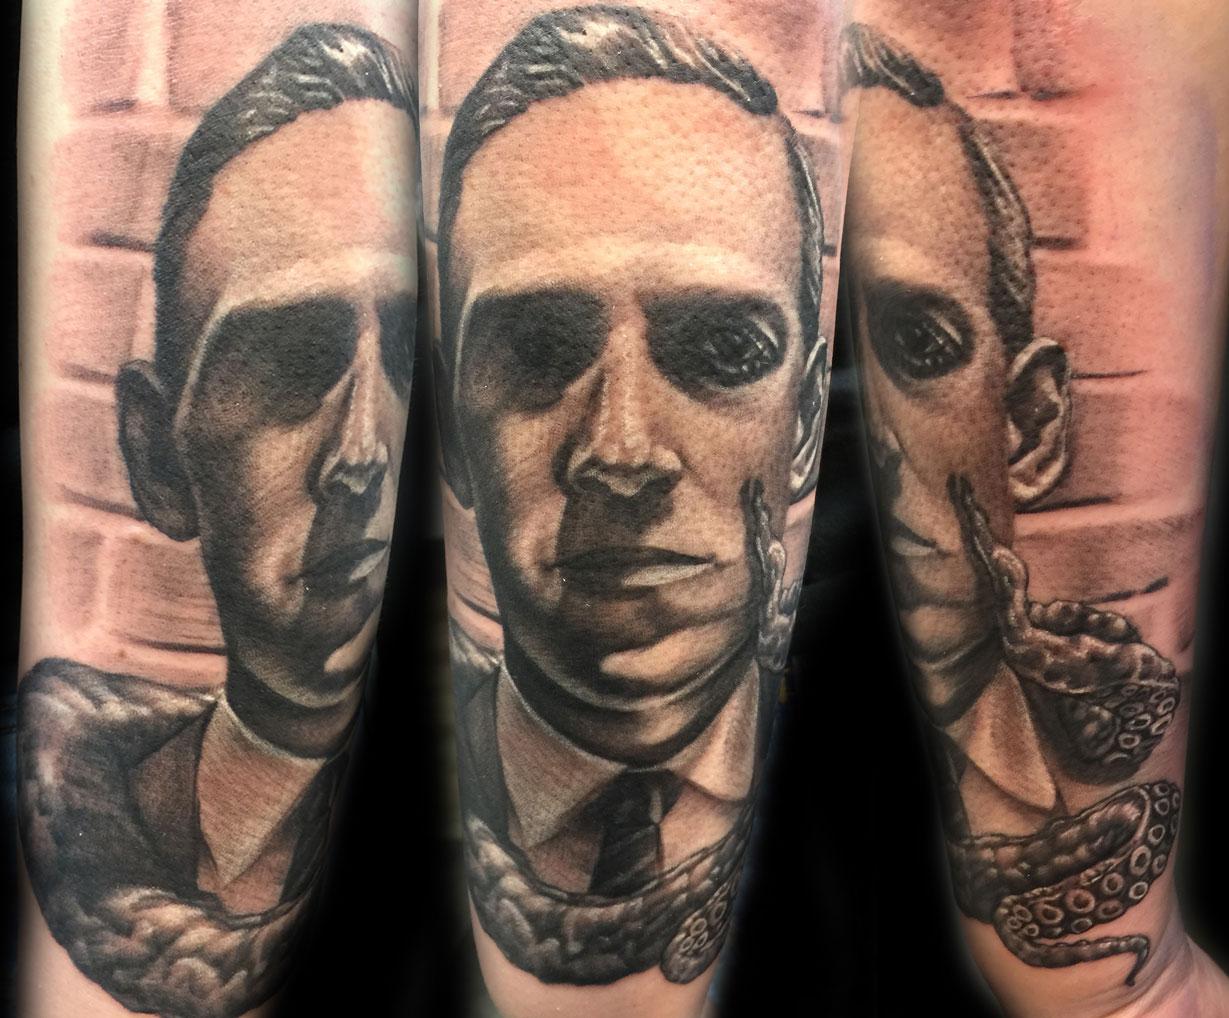 Matt s portfolio salem ink custom tattoo studio in salem ma for Bloodborne pathogens for tattoo artists